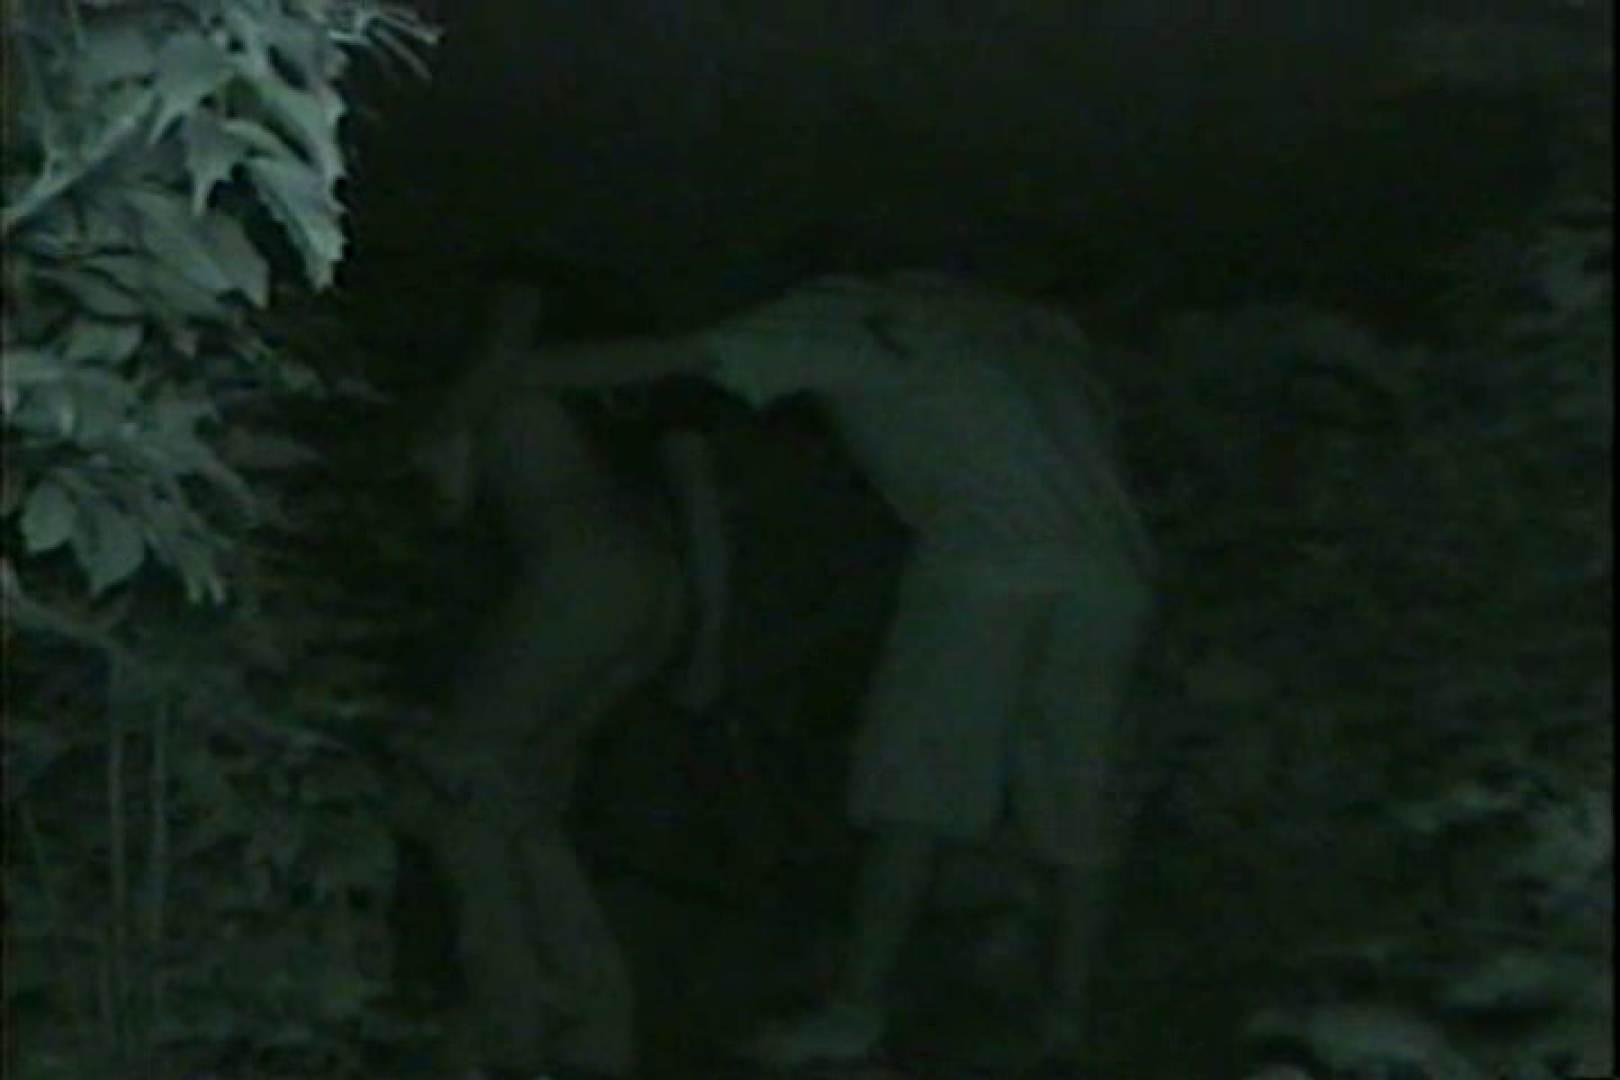 闇の仕掛け人 無修正版 Vol.19 OLの実態 盗撮アダルト動画キャプチャ 79pic 26